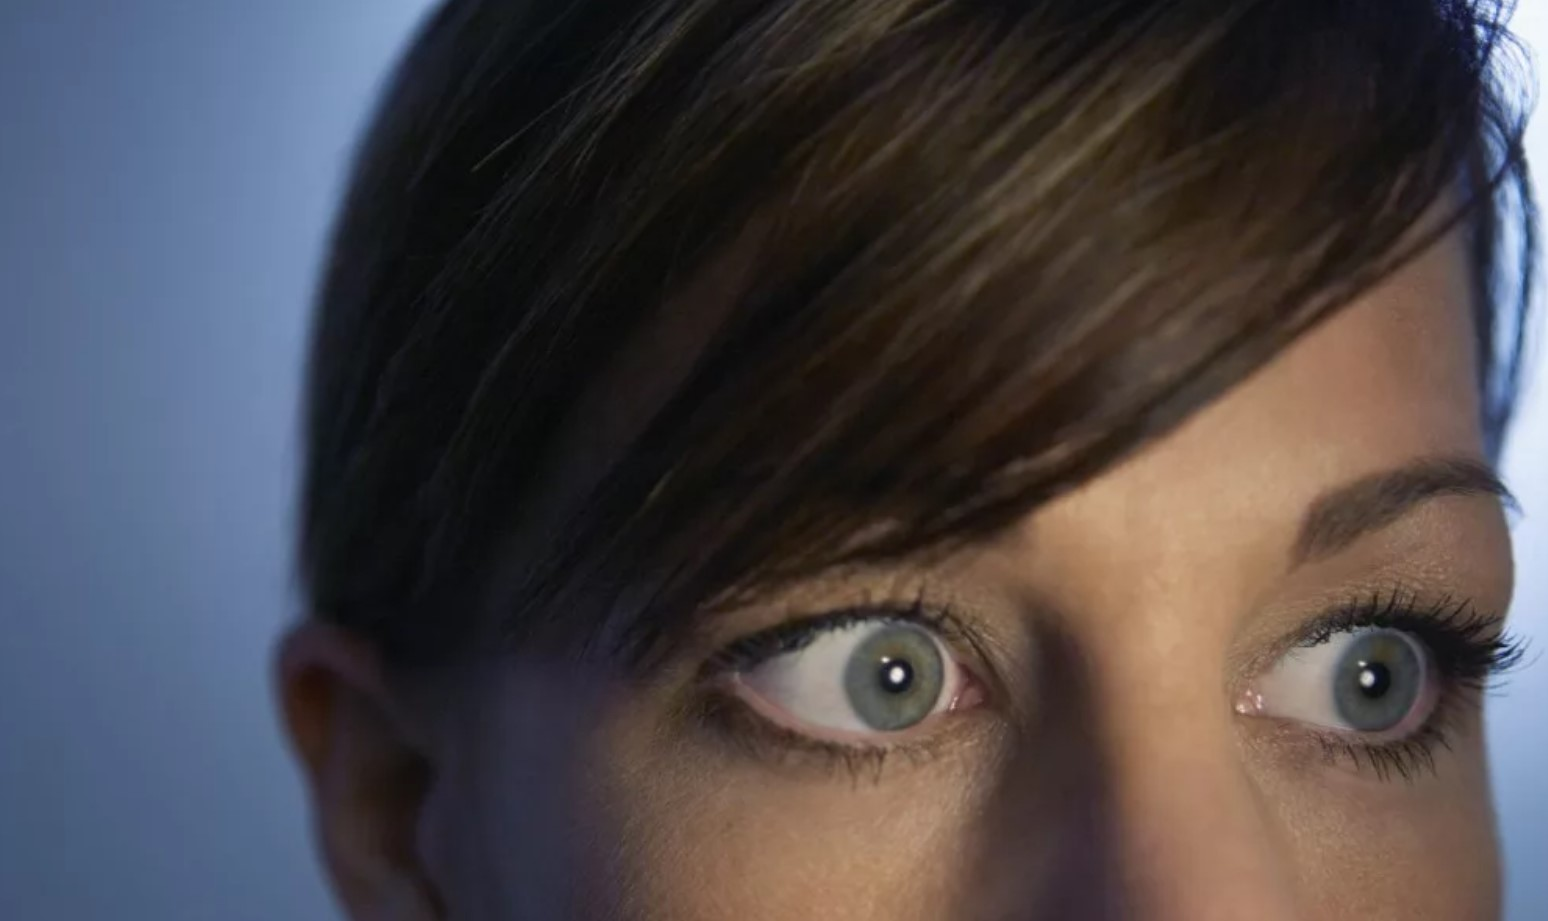 Боюсь смотреть людям в глаза: как избавиться от страха